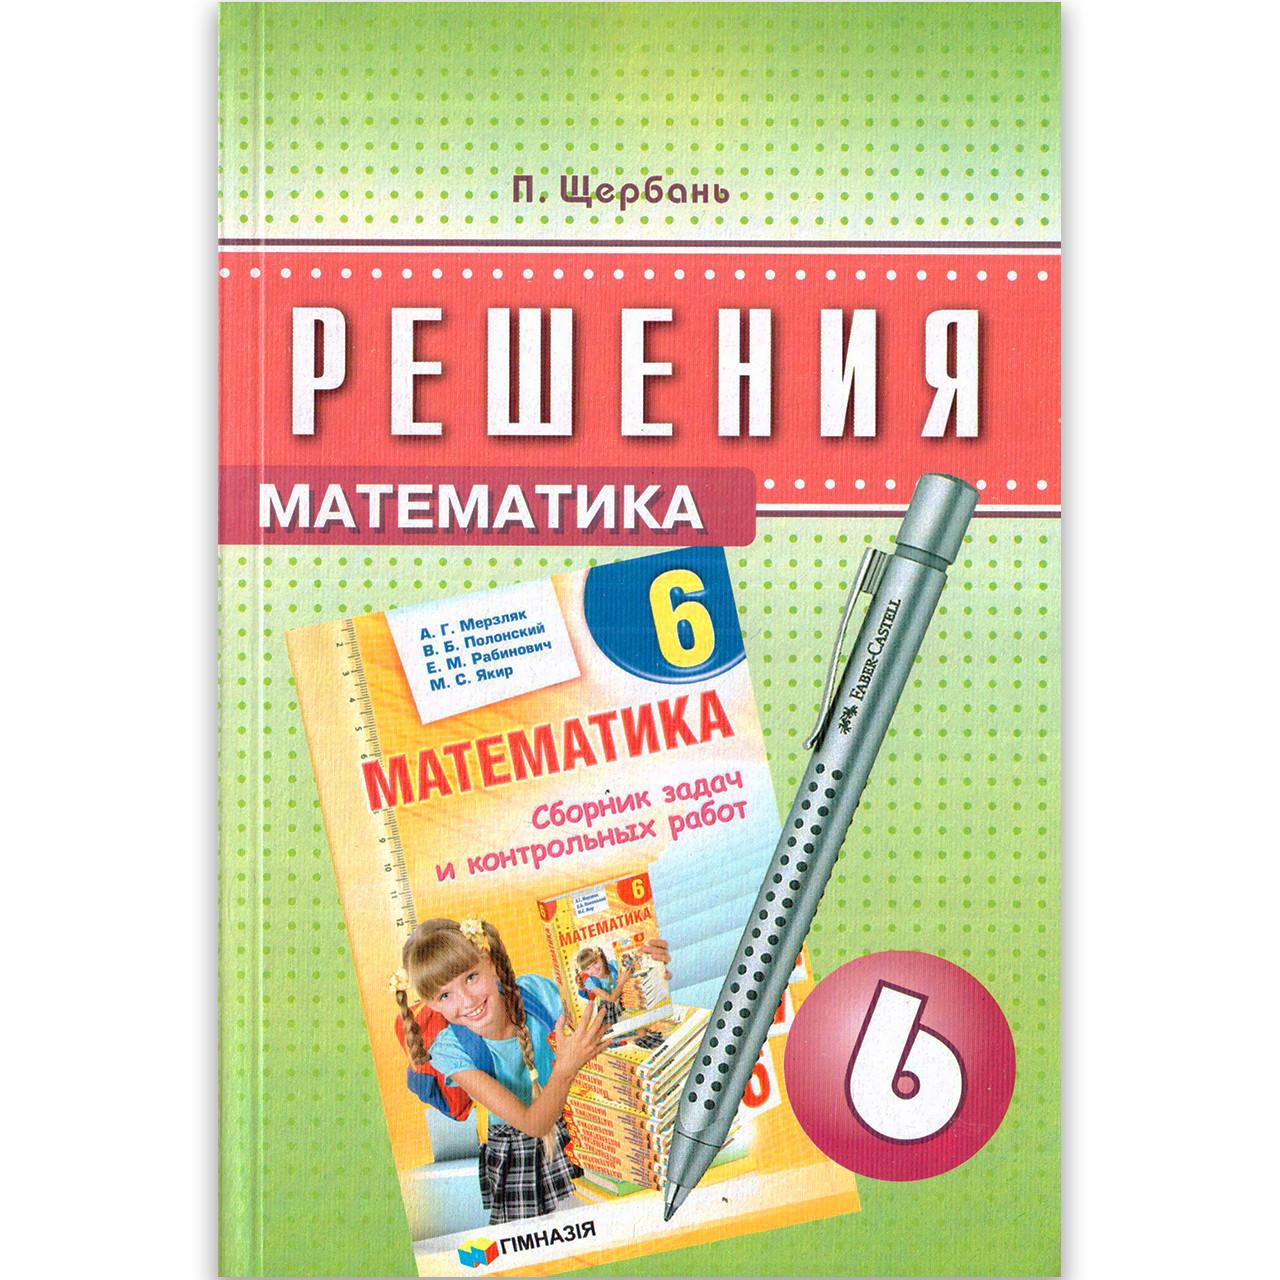 Решения Сборника задач и контрольных работ Математика 6 класс автора Мерзляк А. Изд: Гімназія